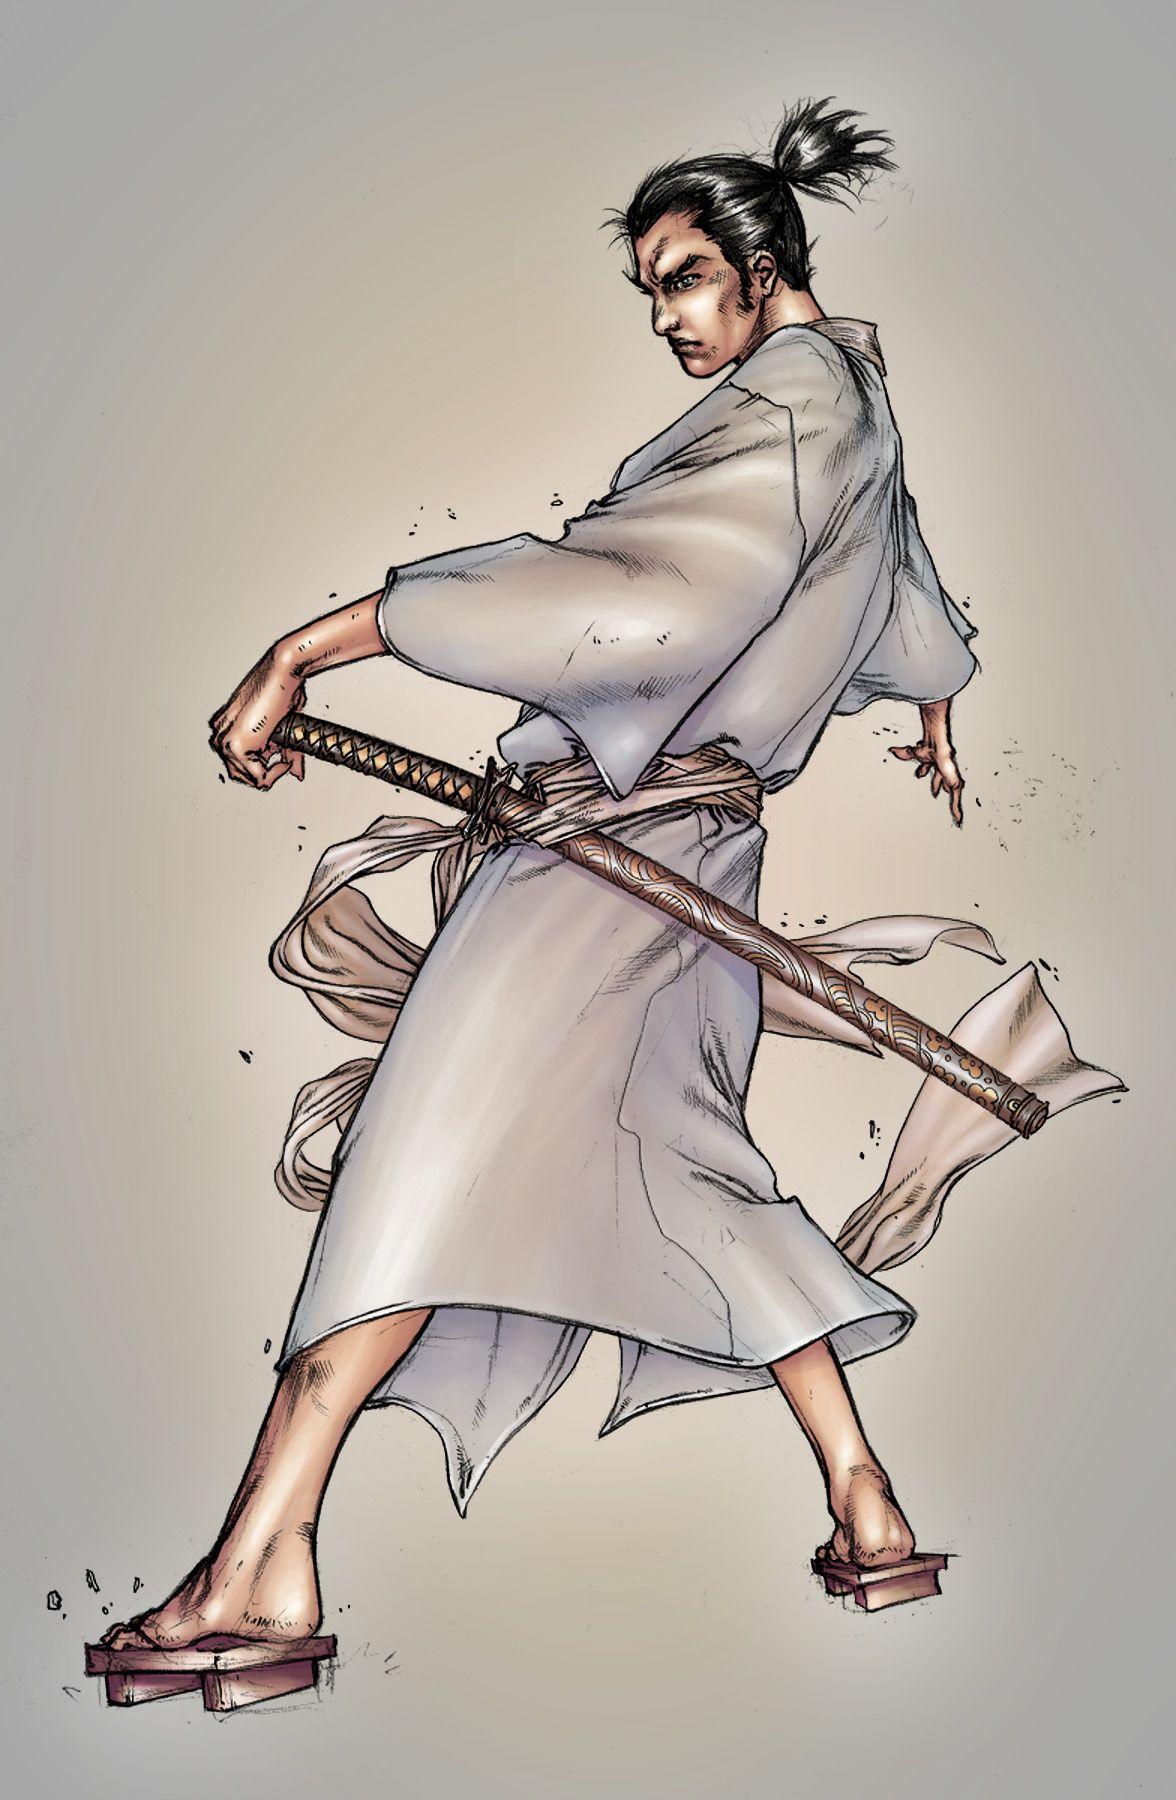 Samurai_Jack_by_postys